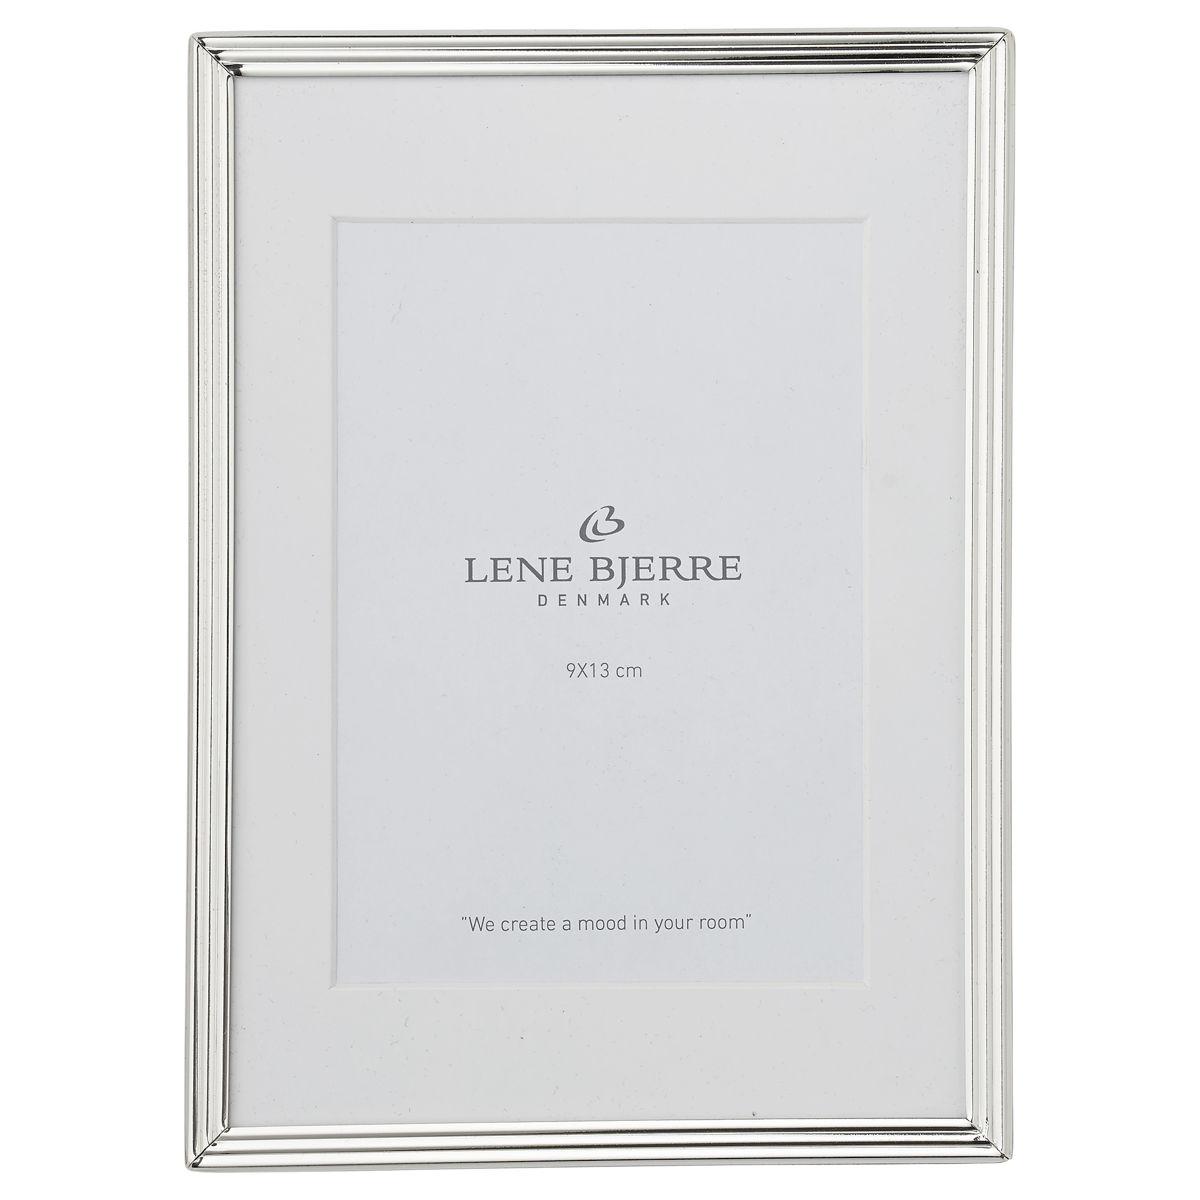 07683ad4a8eded Ramka na zdjęcie 18,5 x 13,5 x 1,5 cm Lene Bjerre | DEKORACJE i ...